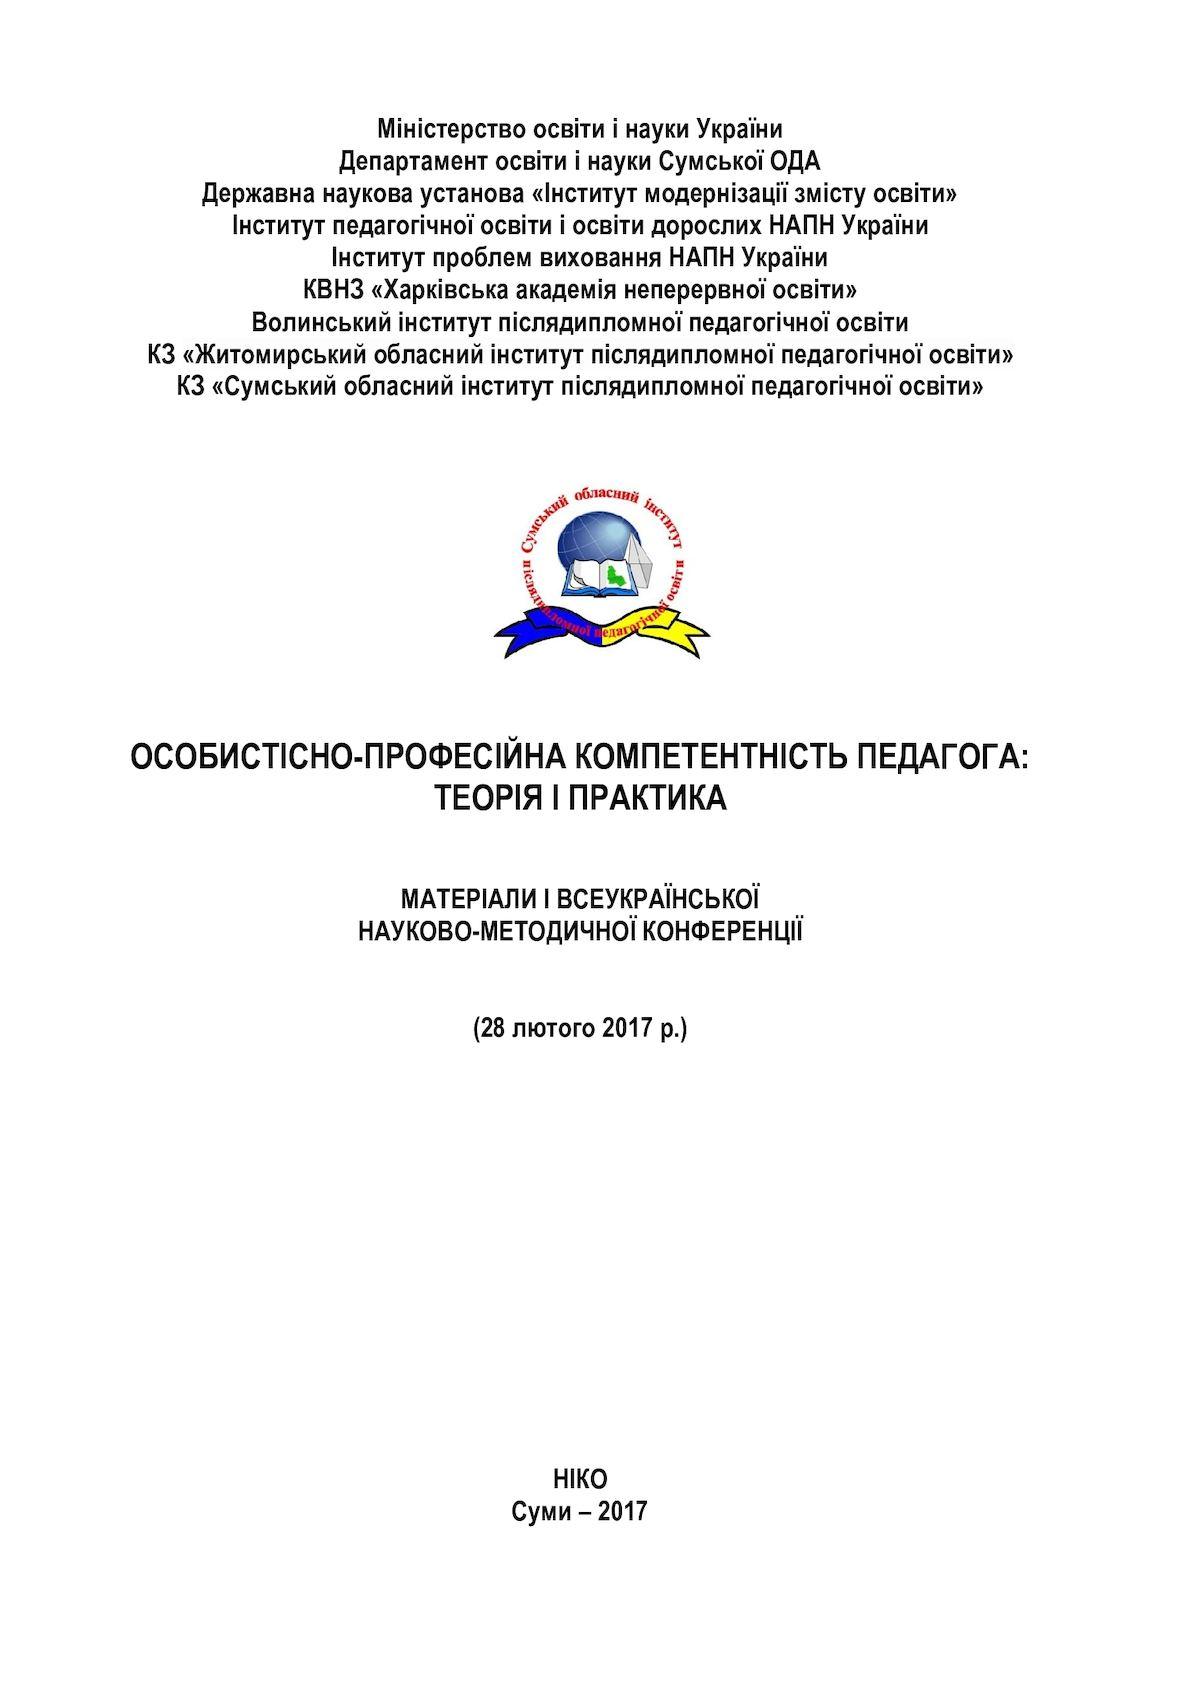 Calaméo - Особистісно-професійна компетентність педагога  теорія і практика    матеріали І Всеукраїнської науково-методичної практичної конференції (28  ... bbd9e6931e4e6